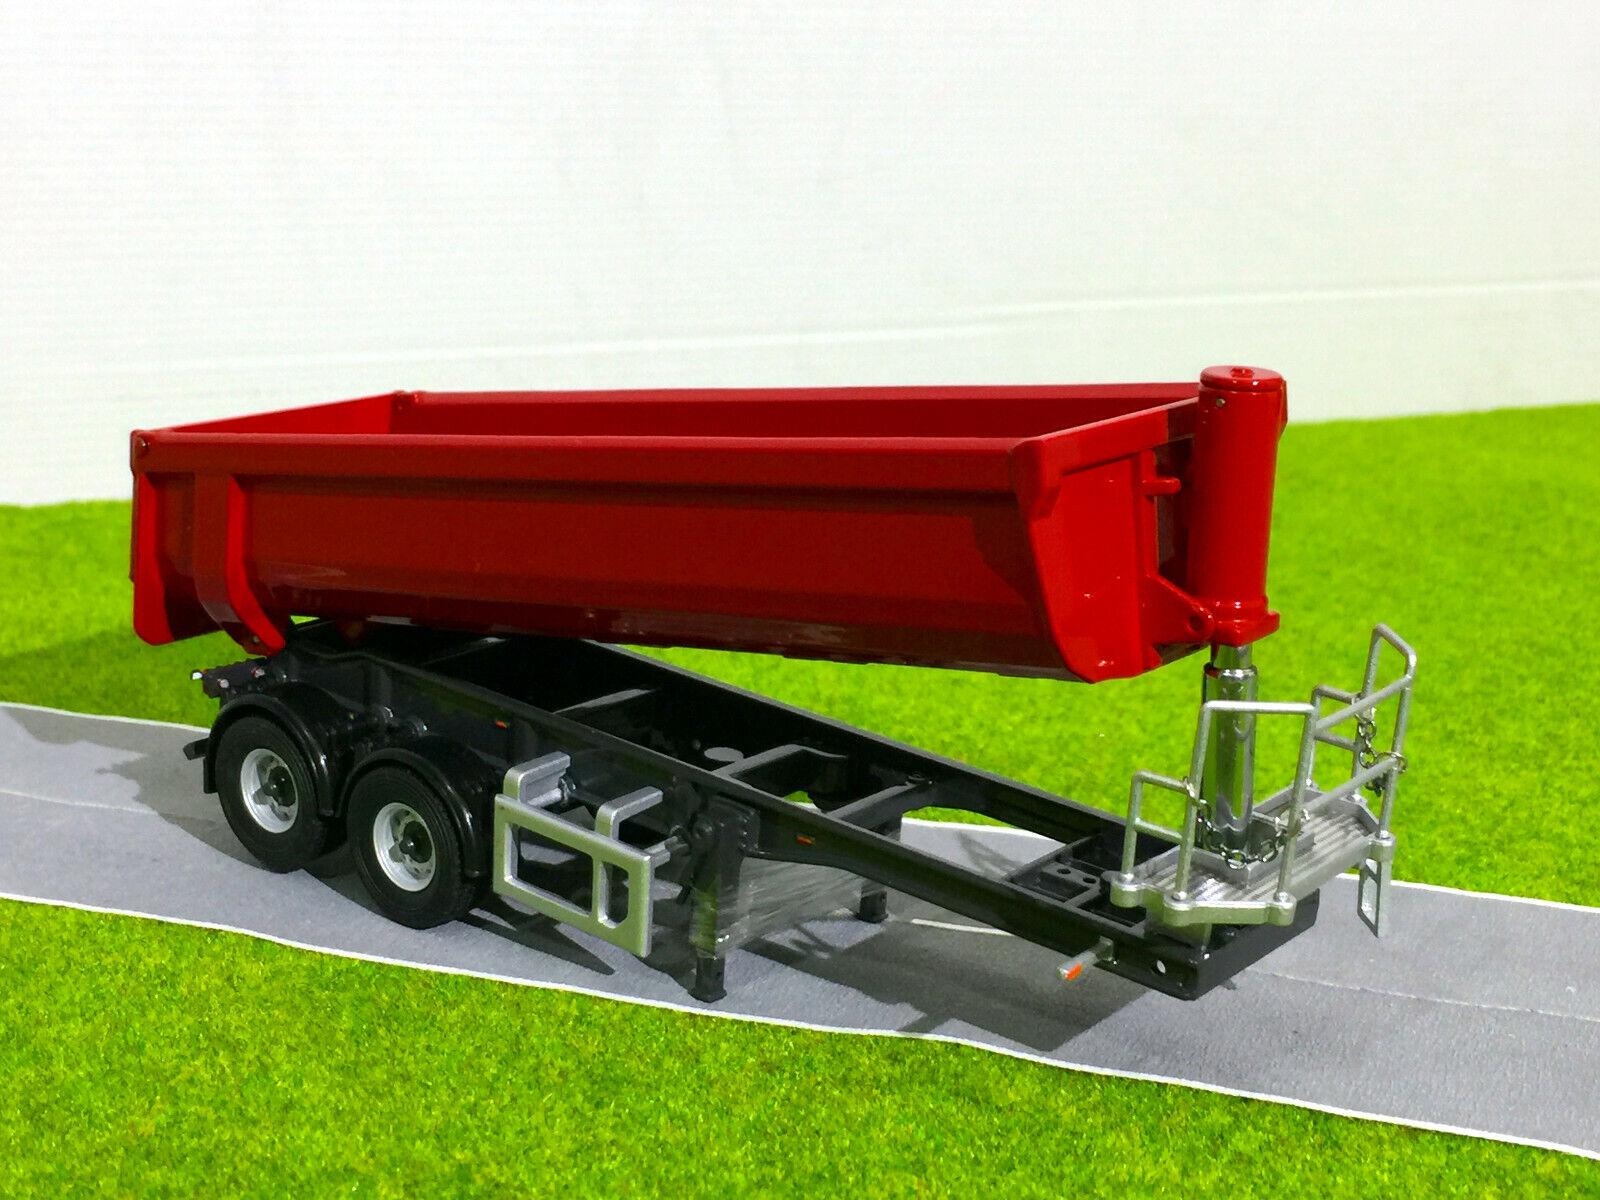 WSI camión Modelos, Halfpipe Volquete Remolque 2 Eje, 1 50